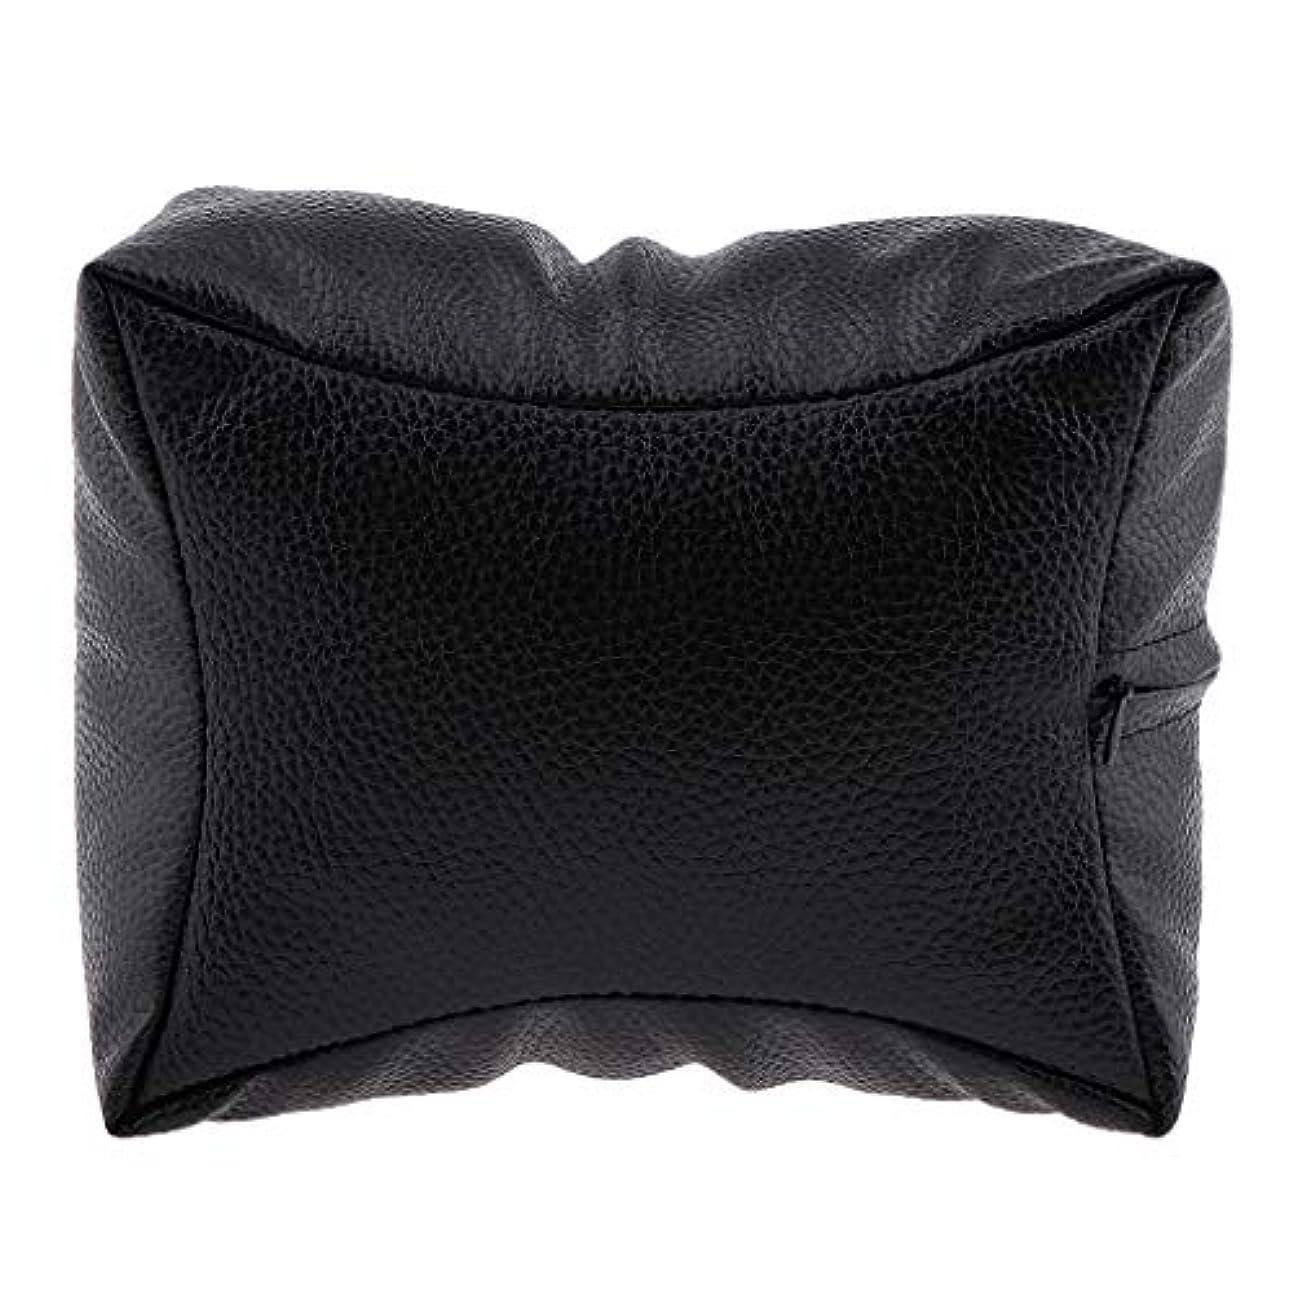 個人的な故意に金貸しネイルハンドピロー プロ ネイルサロン 手枕 レストピロー ネイルケア 4色選べ - ブラック